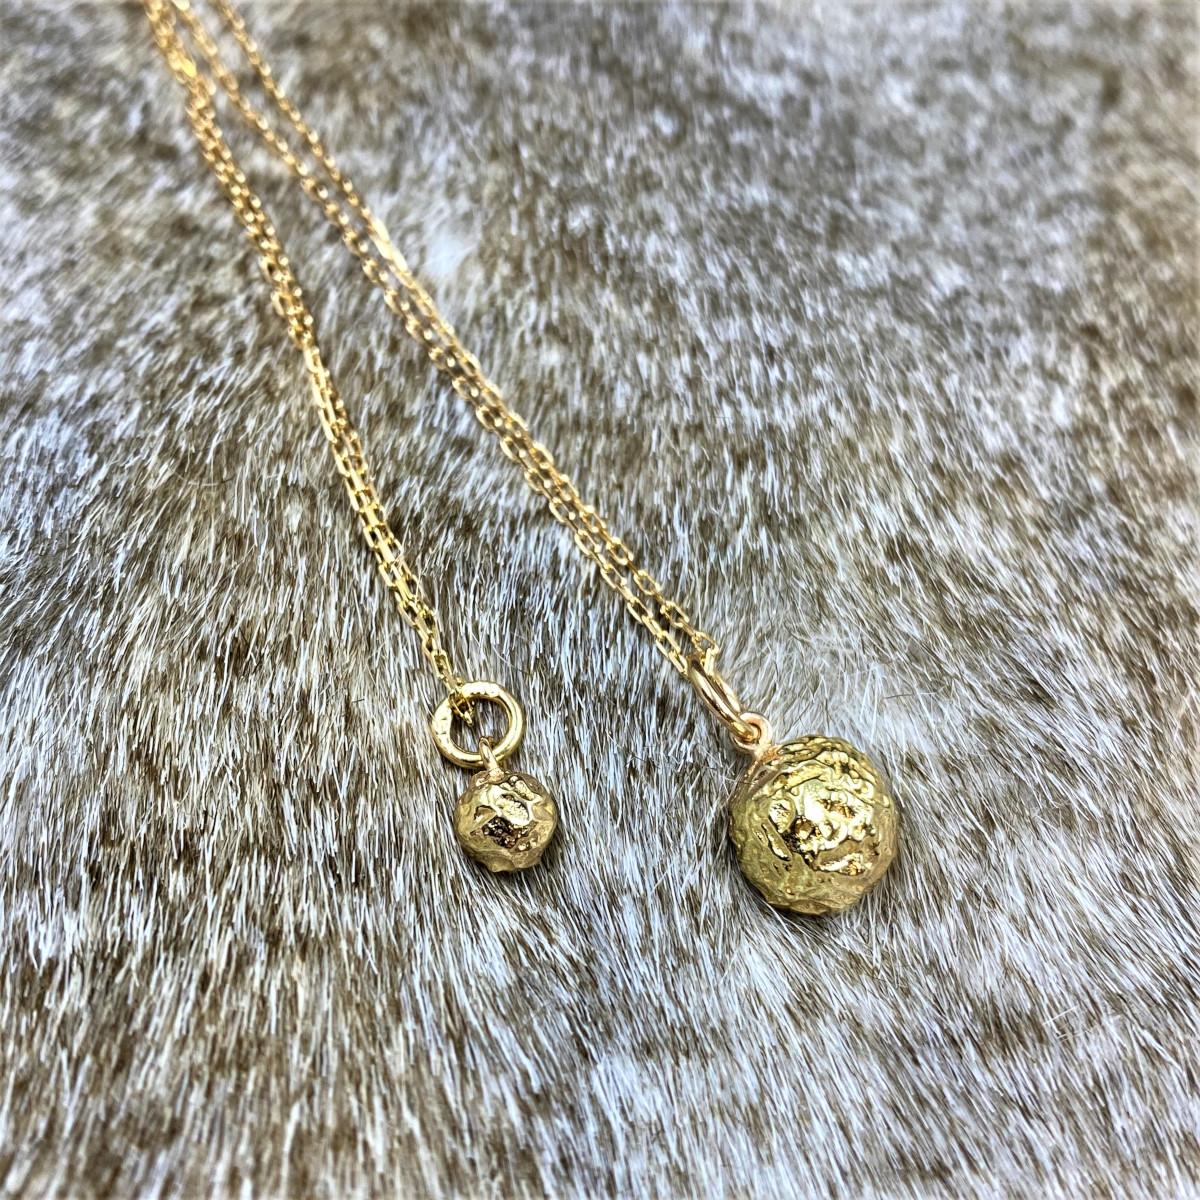 Hängsmycke, guldsmycke, guldboll